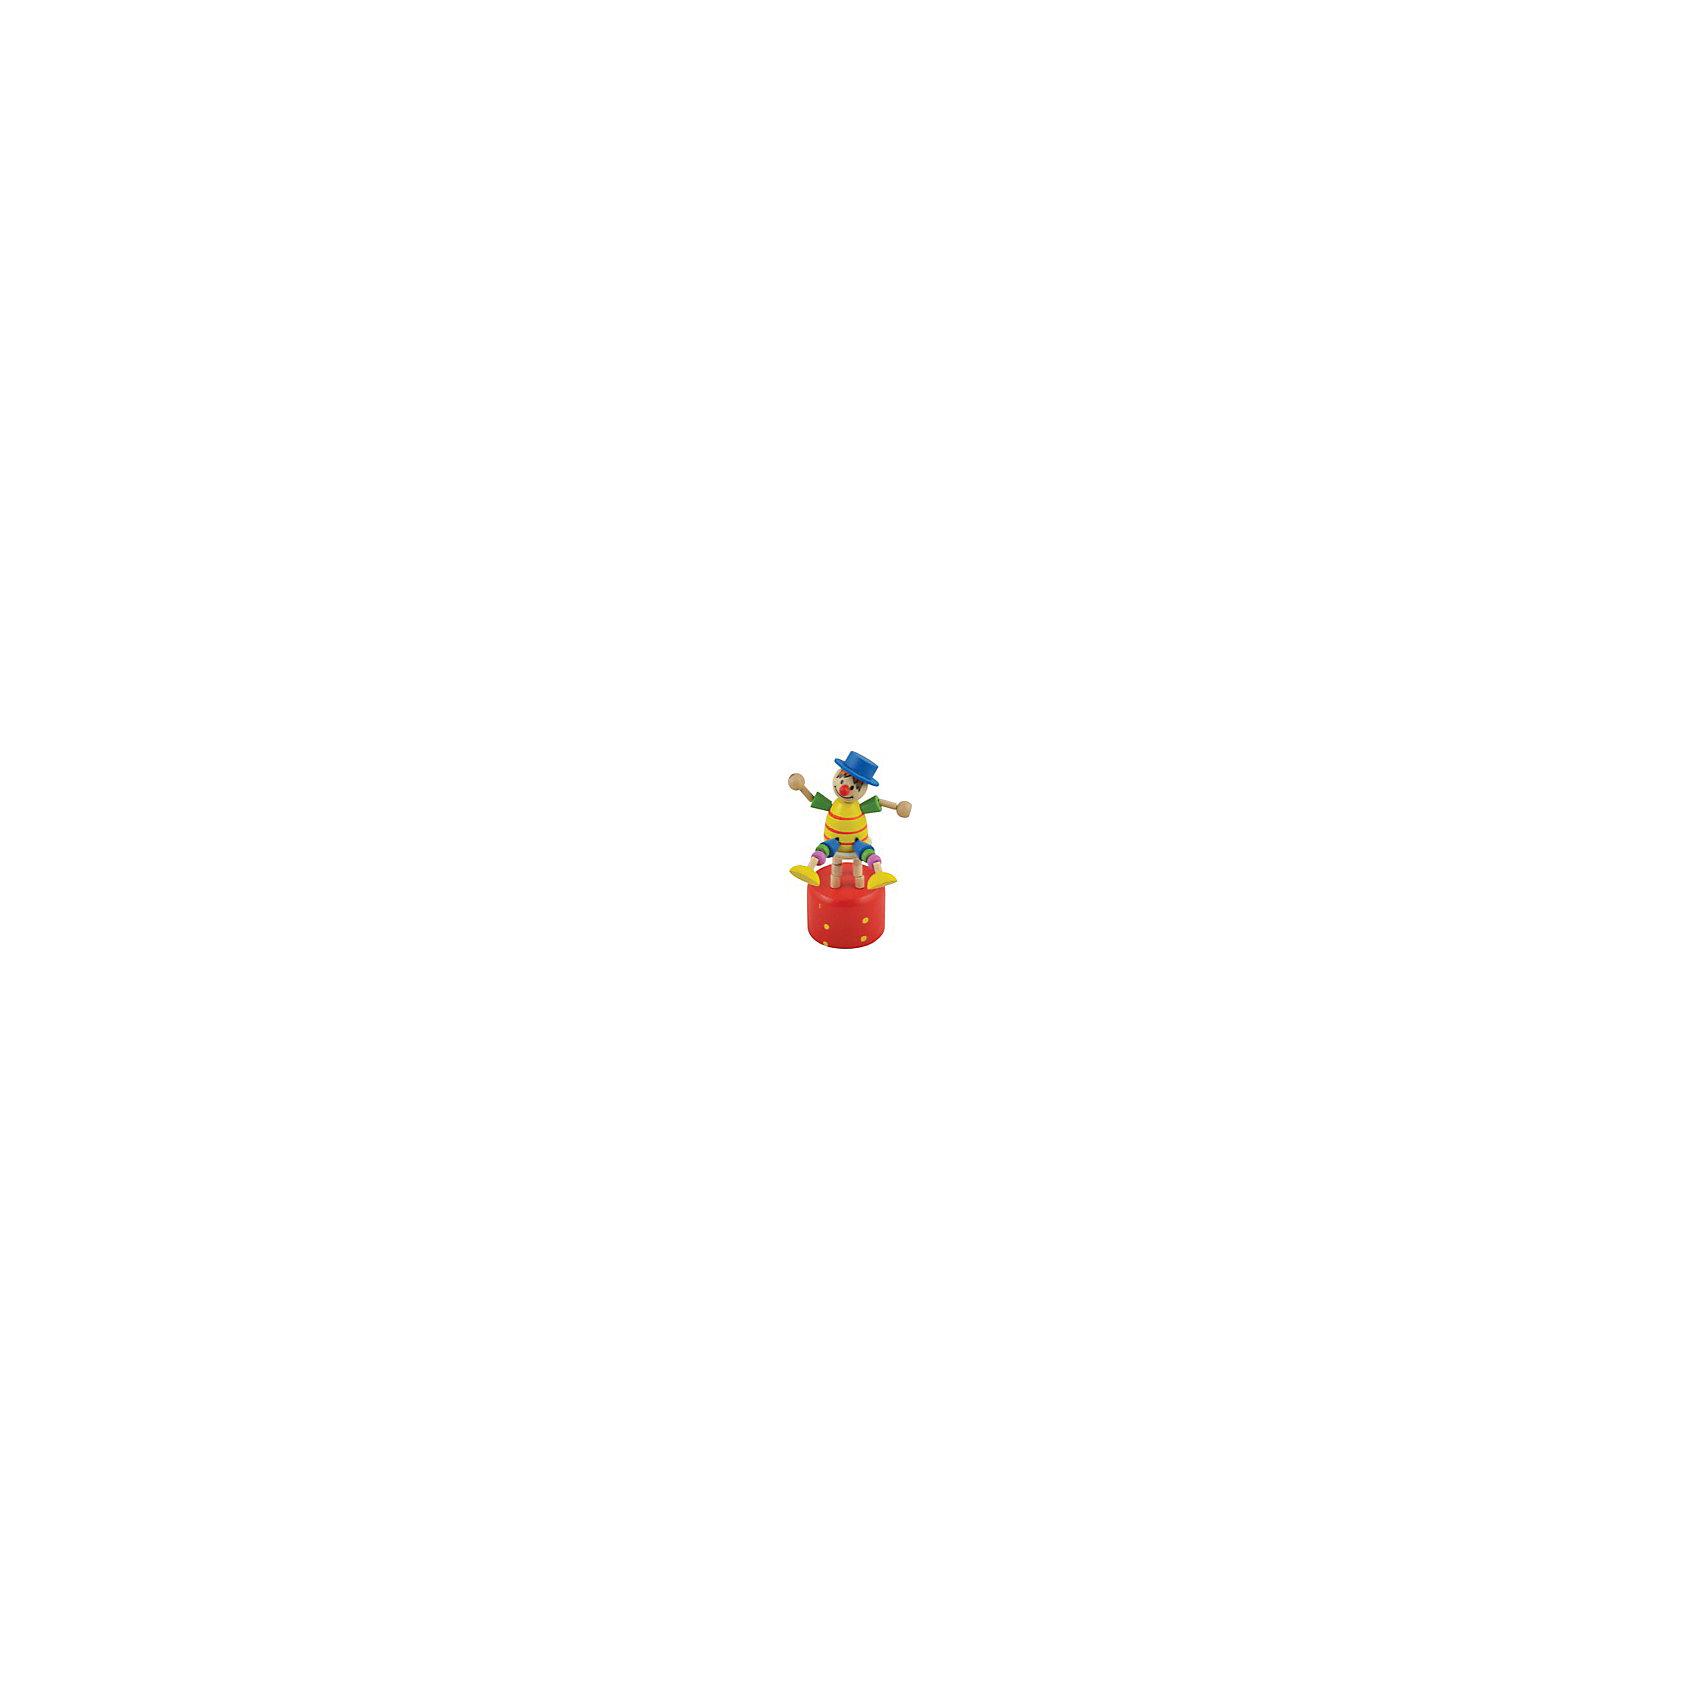 Дергунчик Клоун на стуле, Мир деревянных игрушекЭта оригинальная игрушка обязательно понравится малышам! Очаровательный и смешной клоун сидит на высоком стуле, он одет в яркую одежду, на голове - забавный синий котелок.  Клоун умеет весело дергать ручками и ножками, а если нажать на кнопку, расположенную под сиденьем, игрушка забавно поднимется. <br>Клоун изготовлен из натурального дерева, раскрашен стойкими нетоксичными красителями абсолютно безвредными даже для маленьких детей. <br><br>Дополнительная информация:<br><br>- Возраст: от 1 года.<br>- Материал: дерево.<br>- Размер: 15х5 см. <br><br>Игрушку - дергунчик Клоун на стуле (мин. 12 шт. в упаковке) можно купить в нашем магазине.<br><br>Ширина мм: 110<br>Глубина мм: 50<br>Высота мм: 110<br>Вес г: 50<br>Возраст от месяцев: 36<br>Возраст до месяцев: 2147483647<br>Пол: Унисекс<br>Возраст: Детский<br>SKU: 4895906